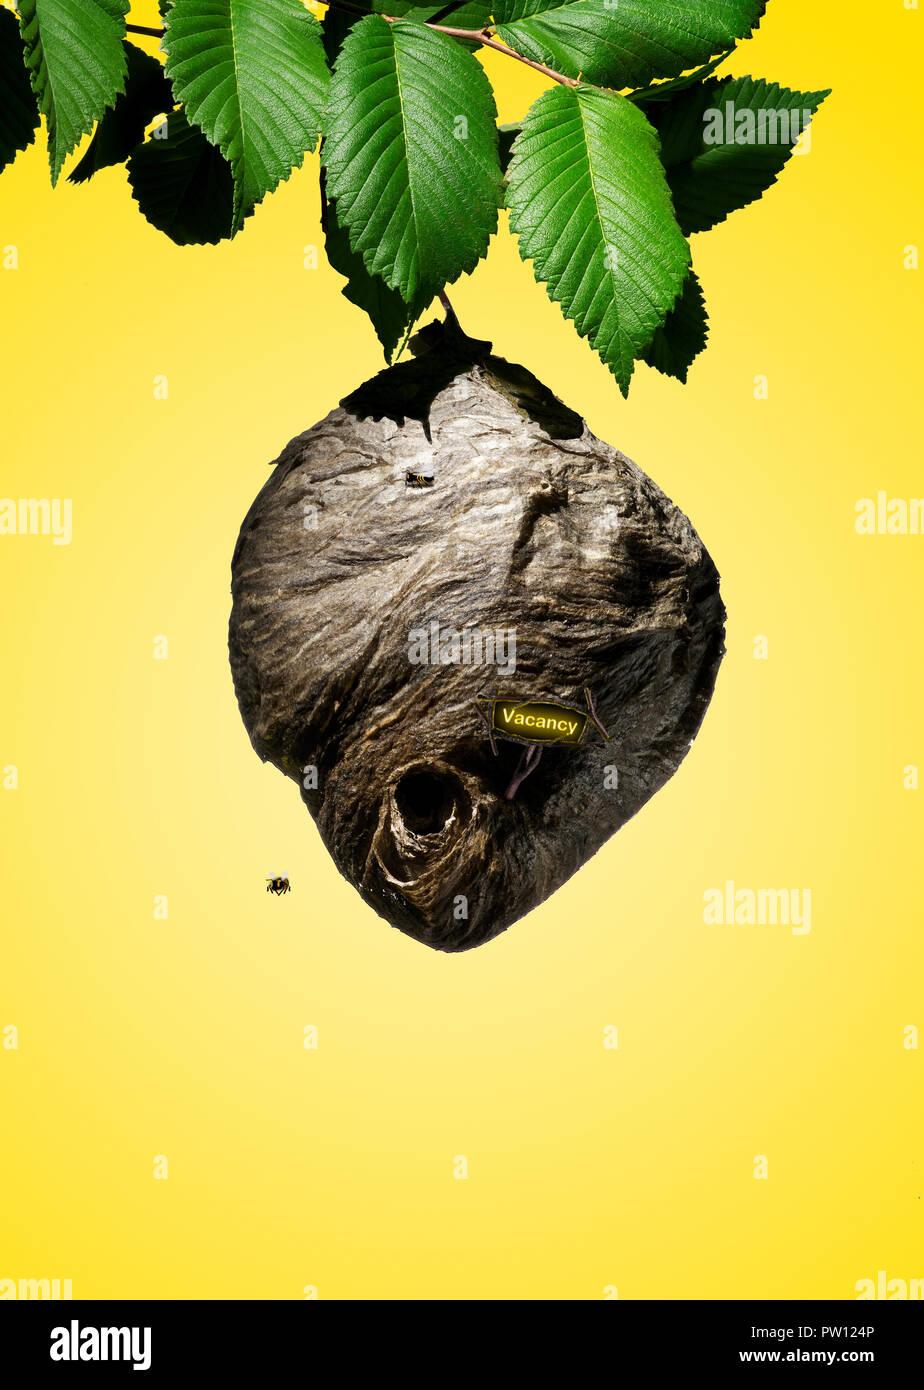 Konzept Bienenstock mit einem Schild Vakanz, Struktur, Nest, fehlende Bienen, Verschwinden Bienen, CCD, Colony Collapse Disorder Stockbild